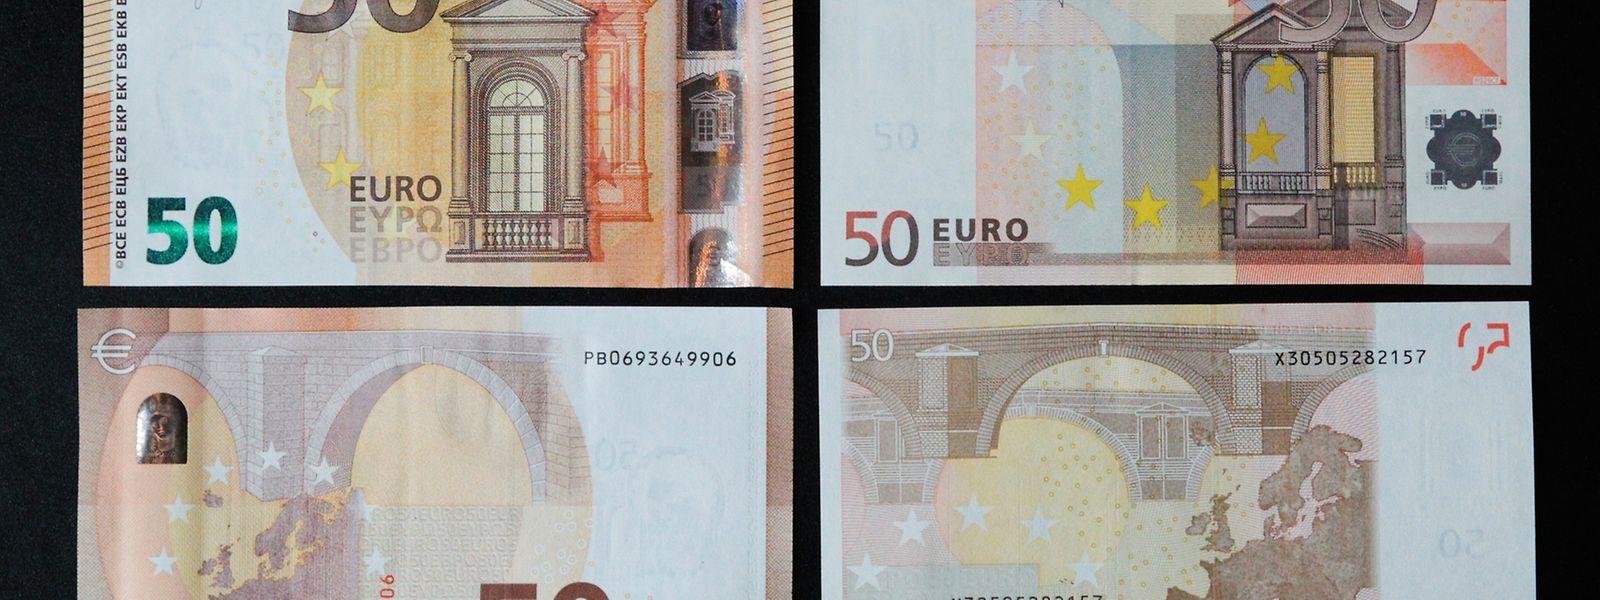 Do lado esquerdo a nova nota de 50 euros e do lado direito a antiga